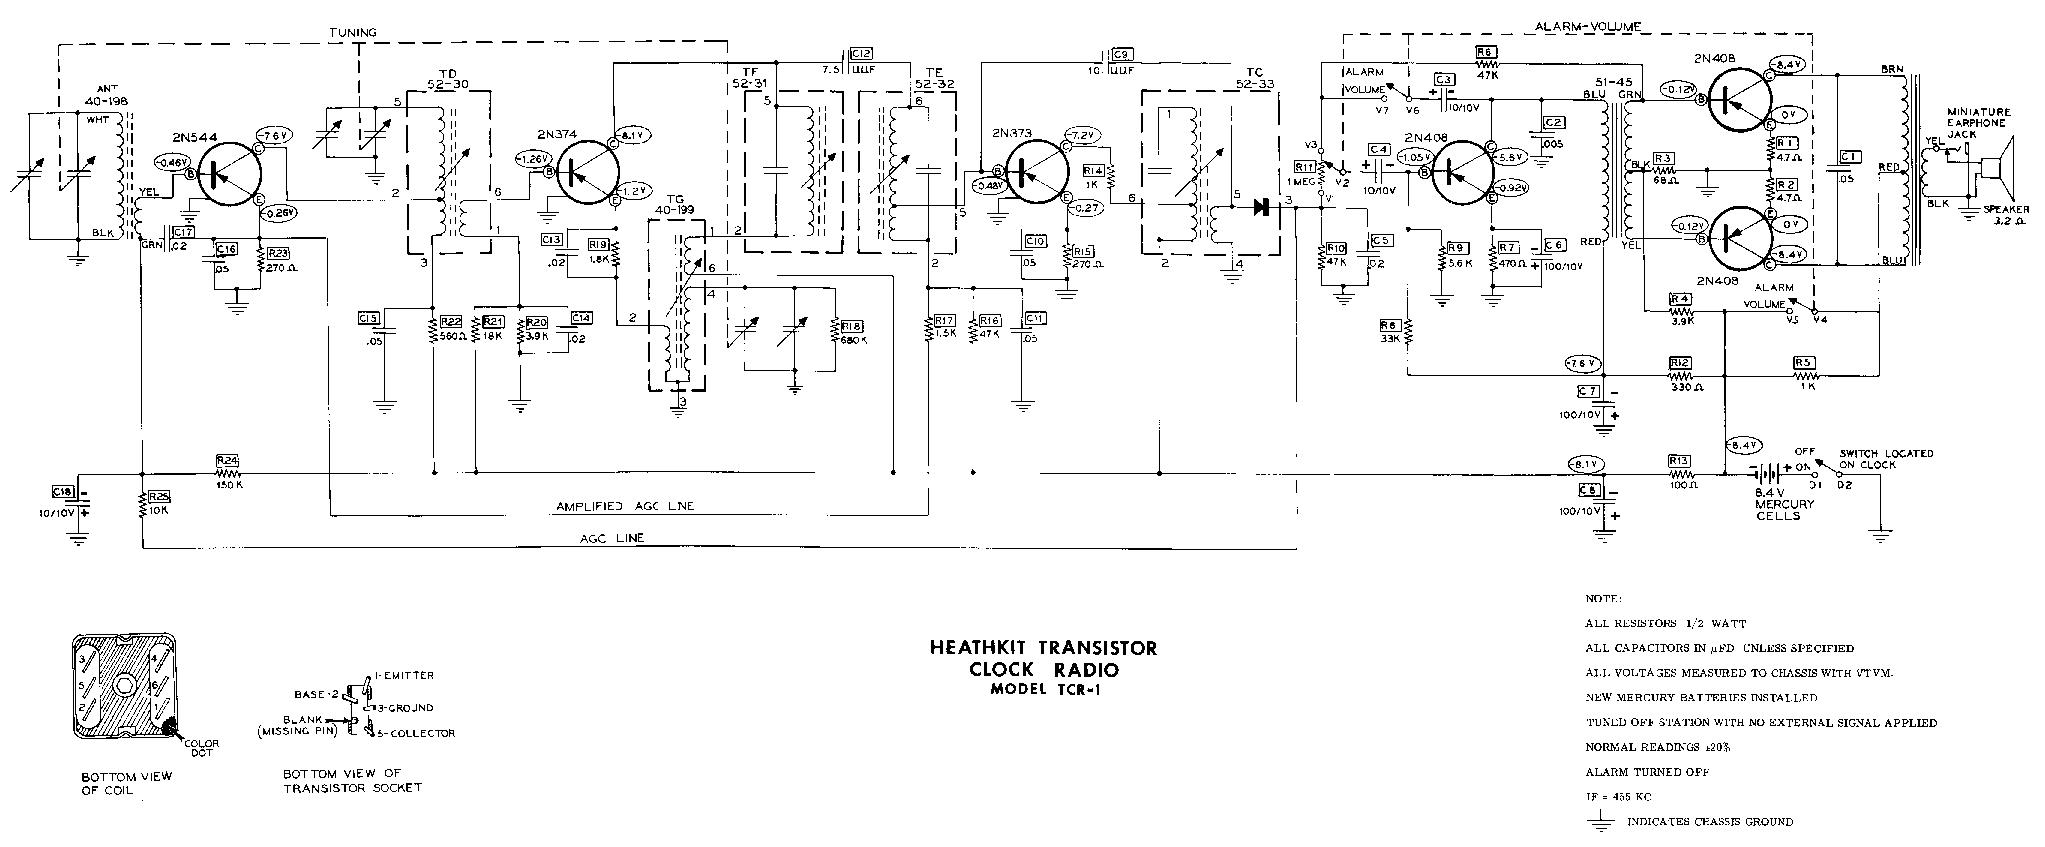 HEATHKIT HA-10 WARRIOR AMP SCH Service Manual download, schematics